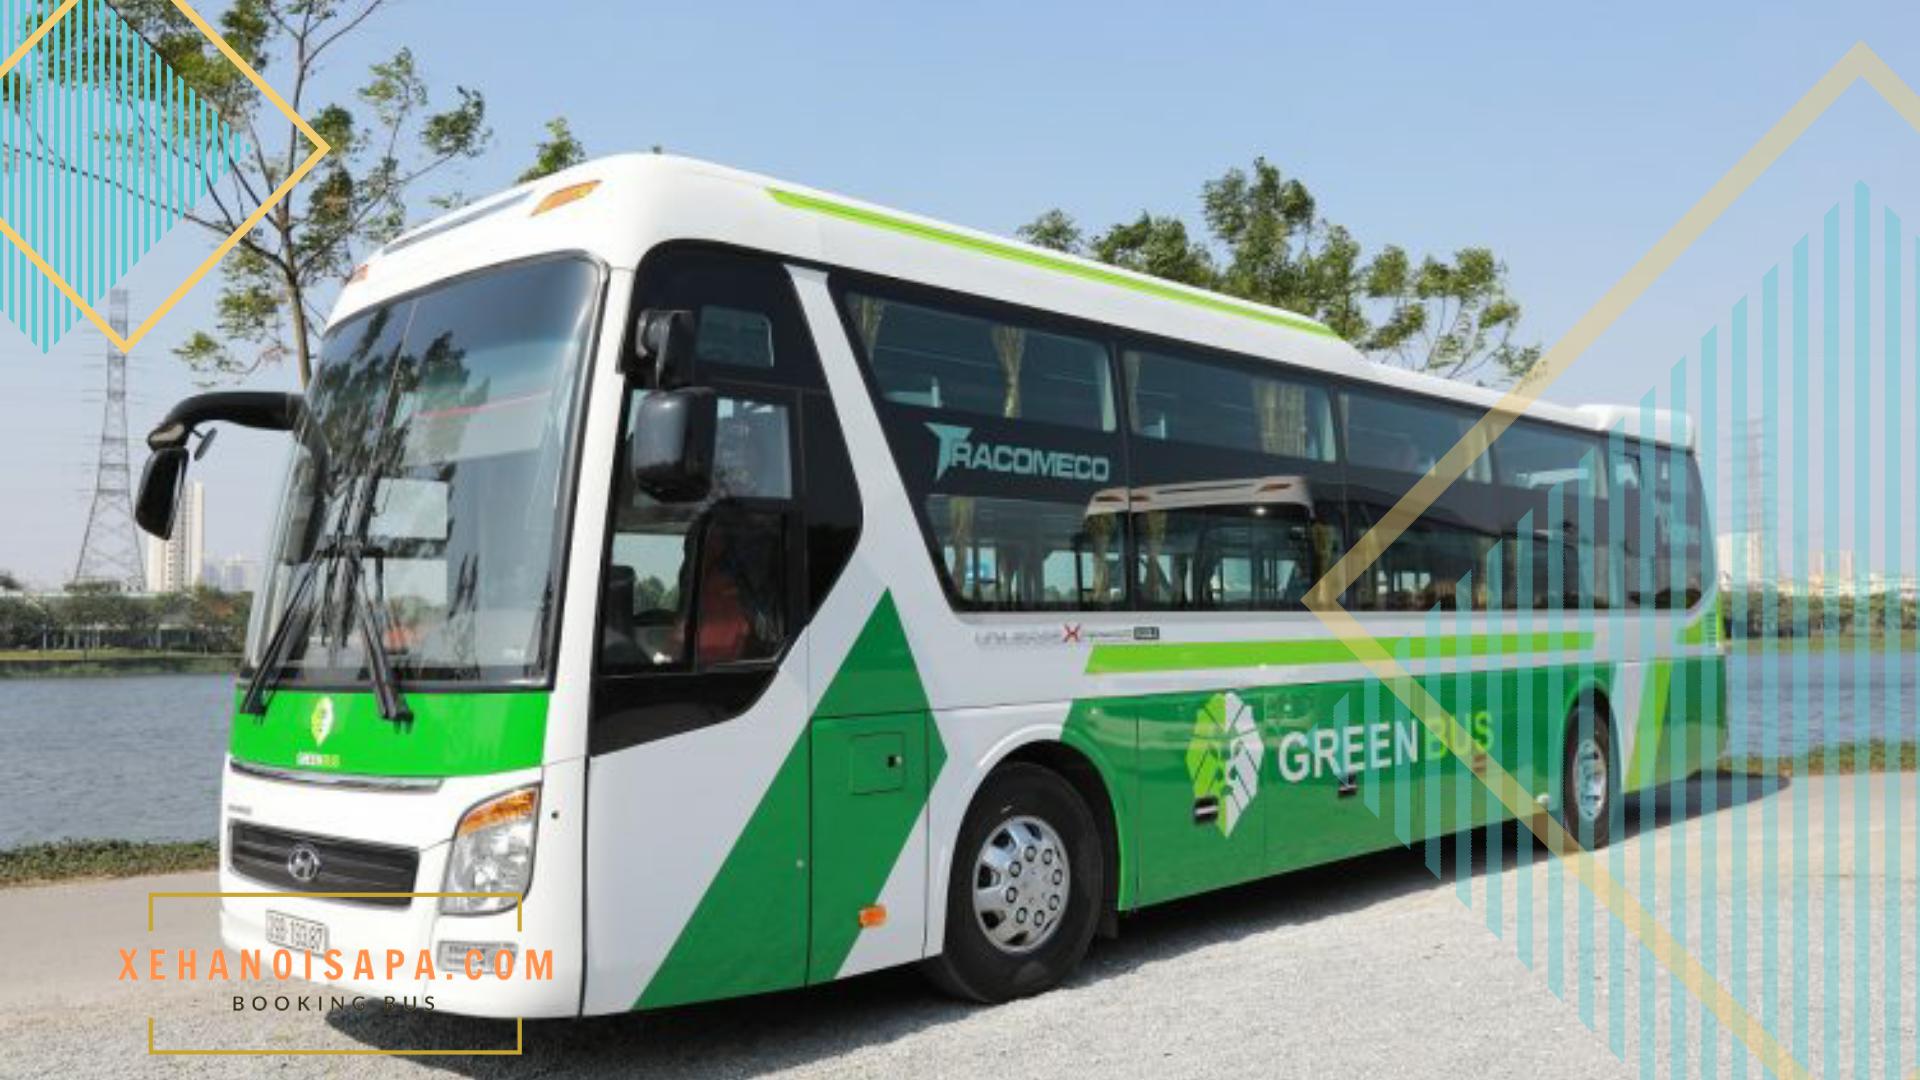 Xe đi sapa từ hà nội - Green Bus